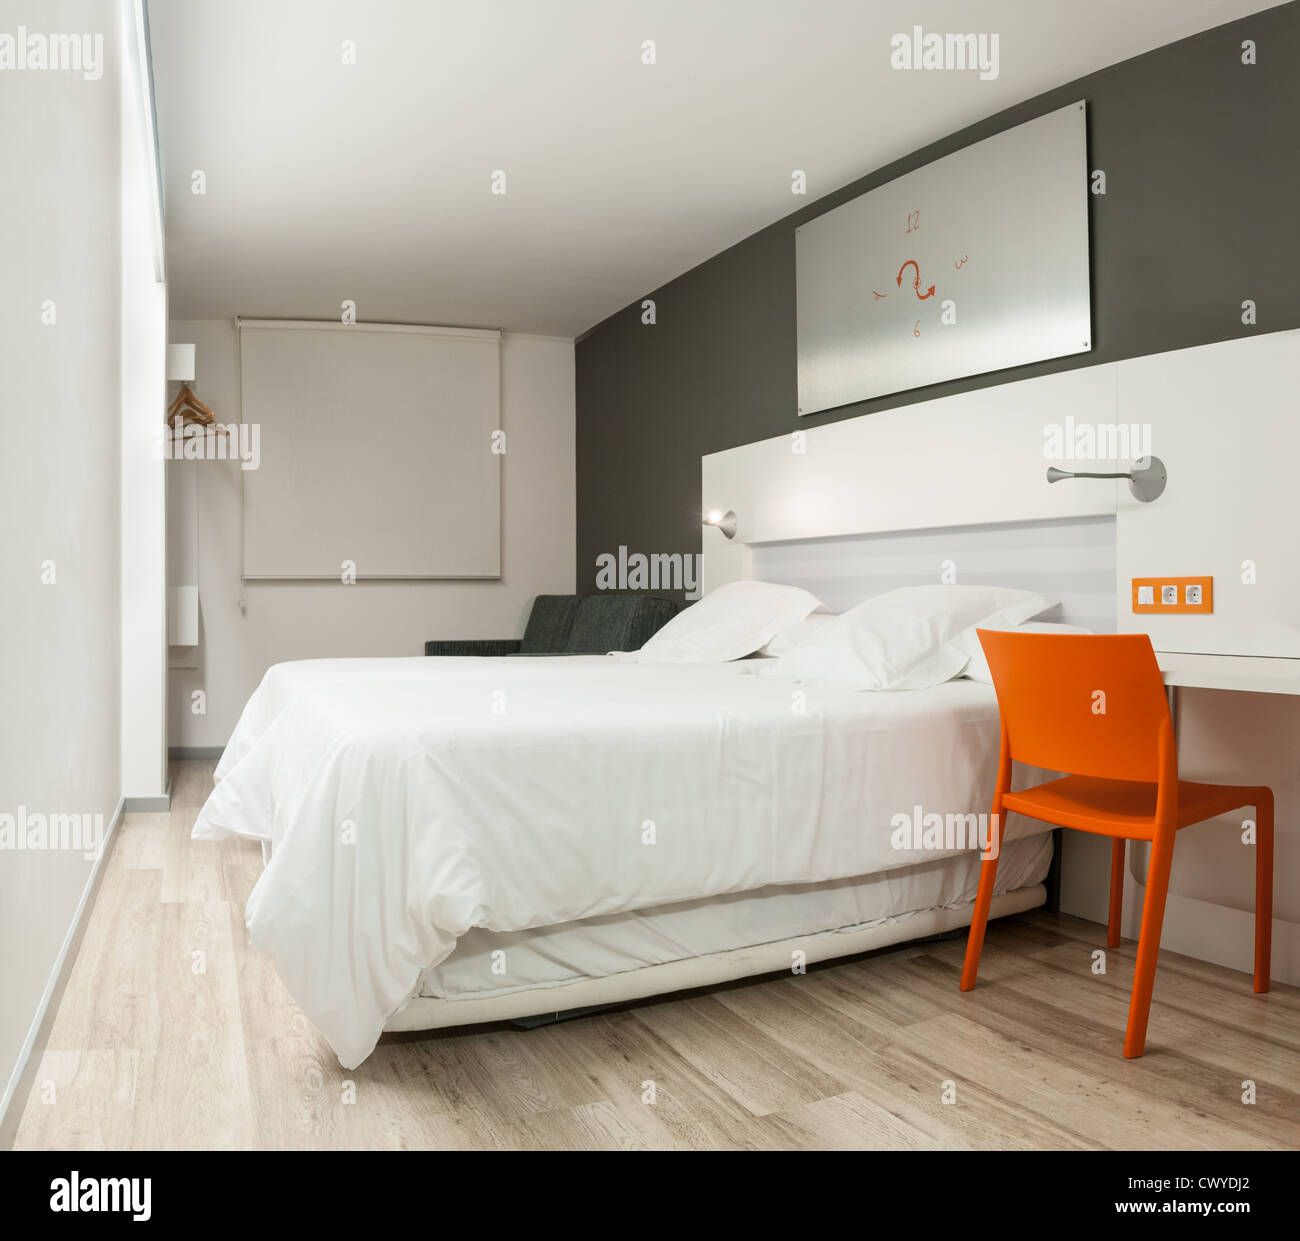 Verschiedene Schöne Einrichtung Foto Von Schöne Stilvolle Im Modernen Stil. Elegantes Design